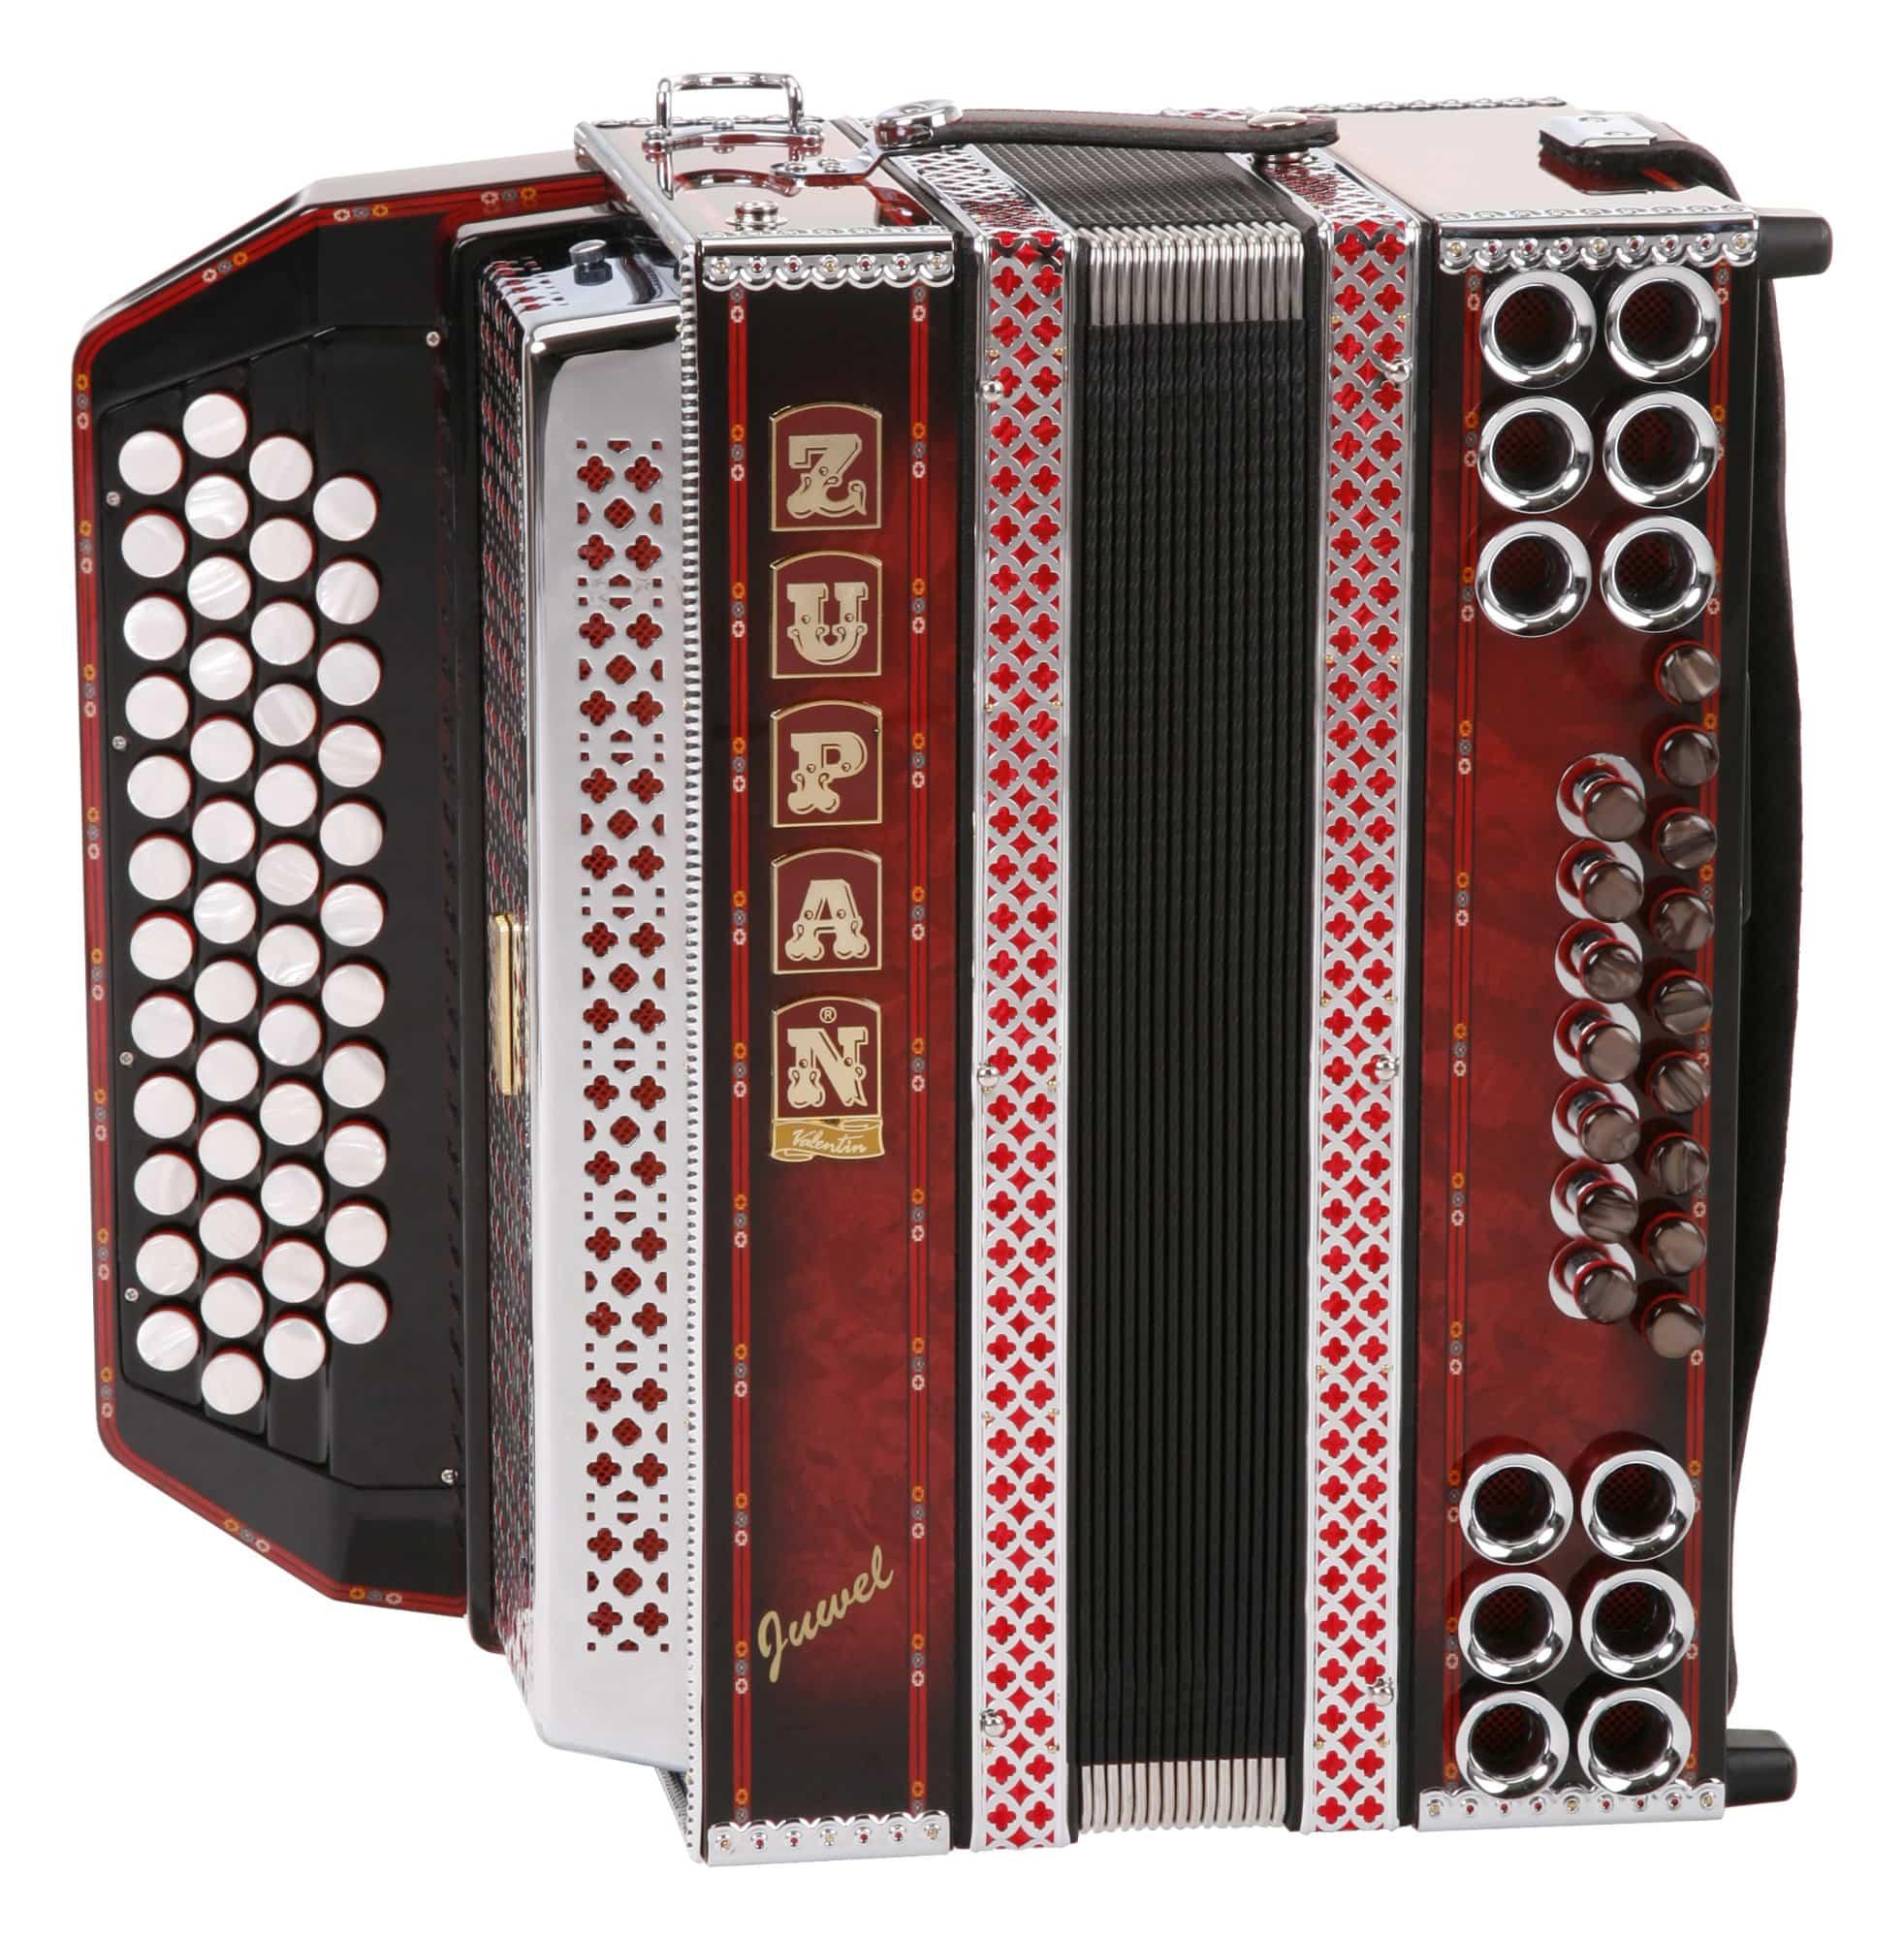 Akkordeons - Zupan Juwel IVD Harmonika Shadow Red (G C F B) - Onlineshop Musikhaus Kirstein